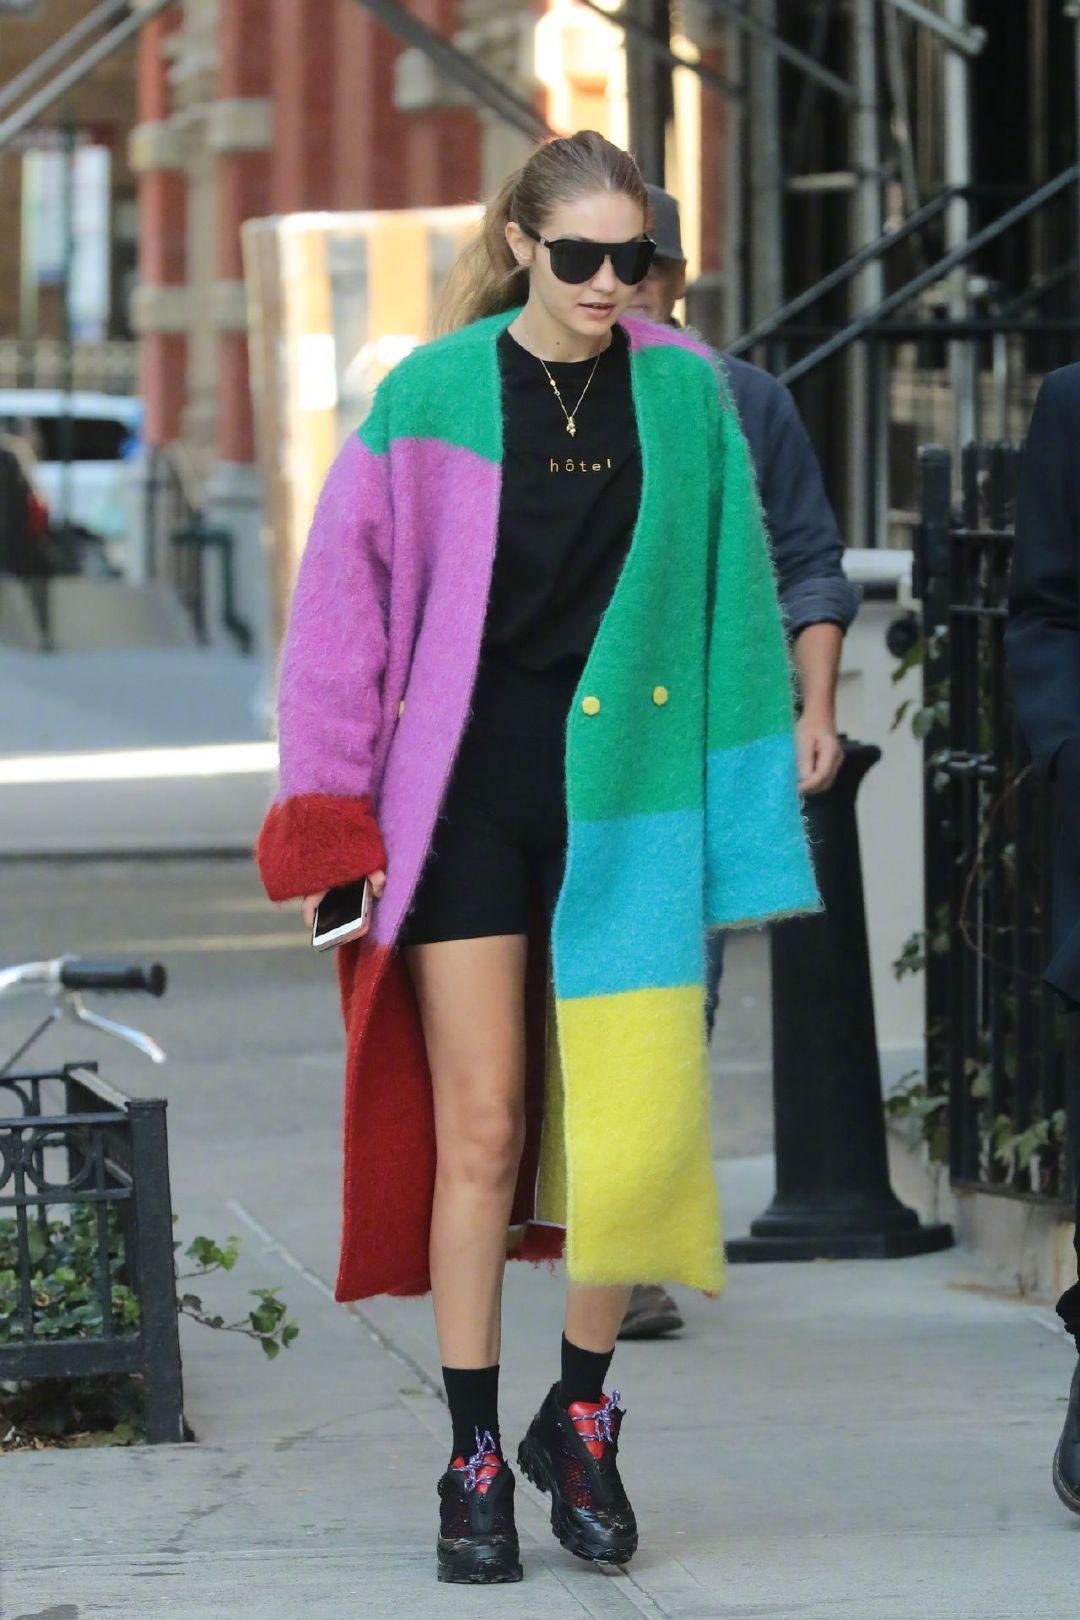 当地时间10月18日,Gigi Hadid身穿多色拼接毛外套在纽约外出的街拍